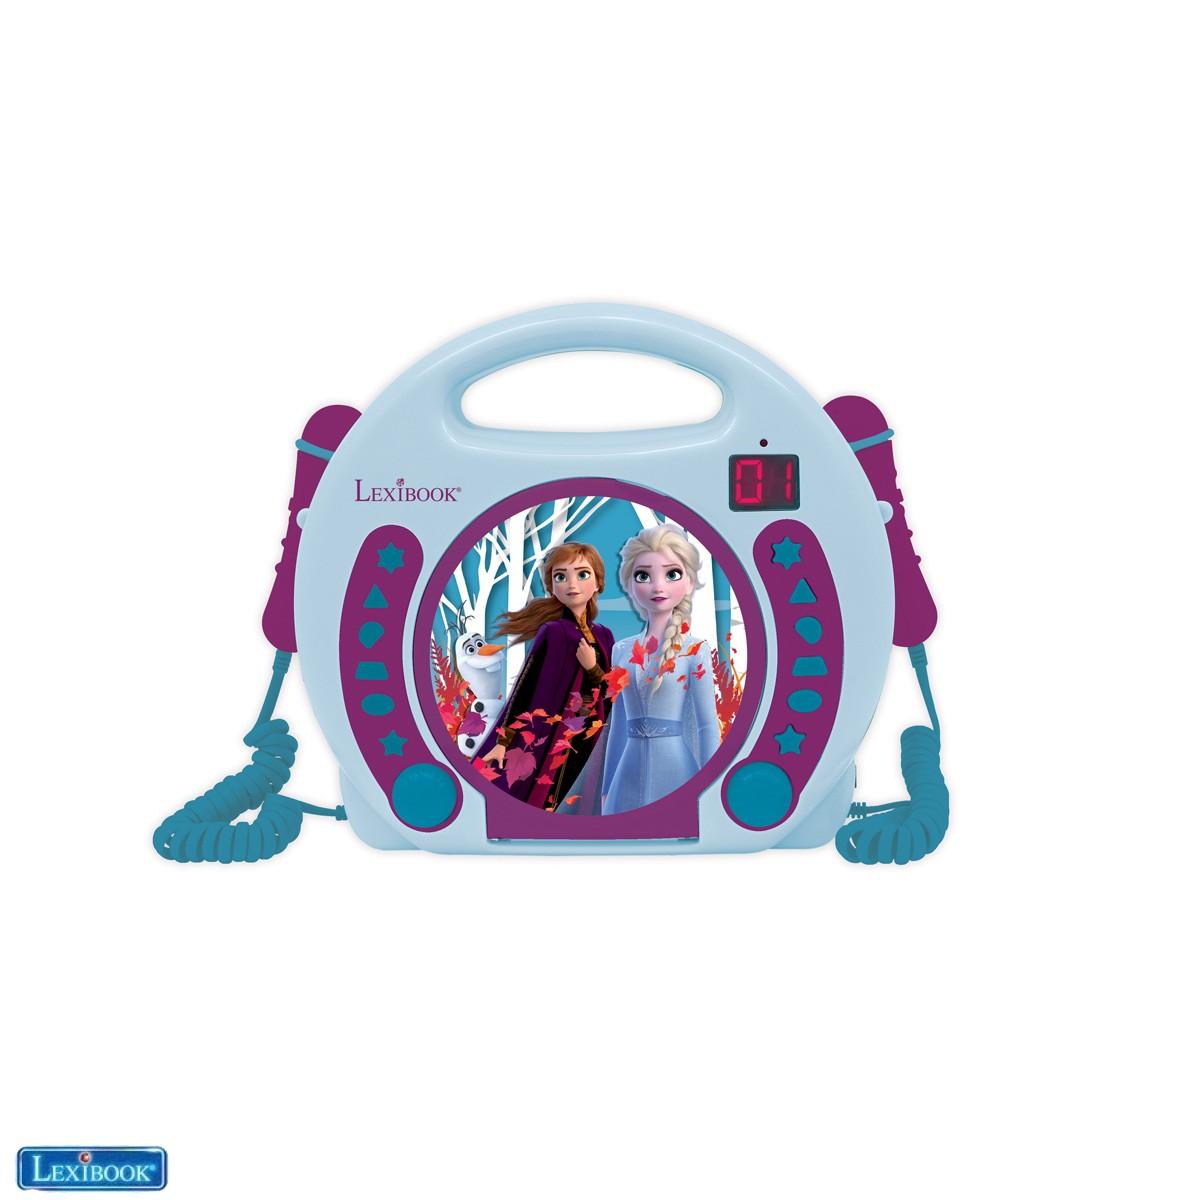 Frozen 2 CD player